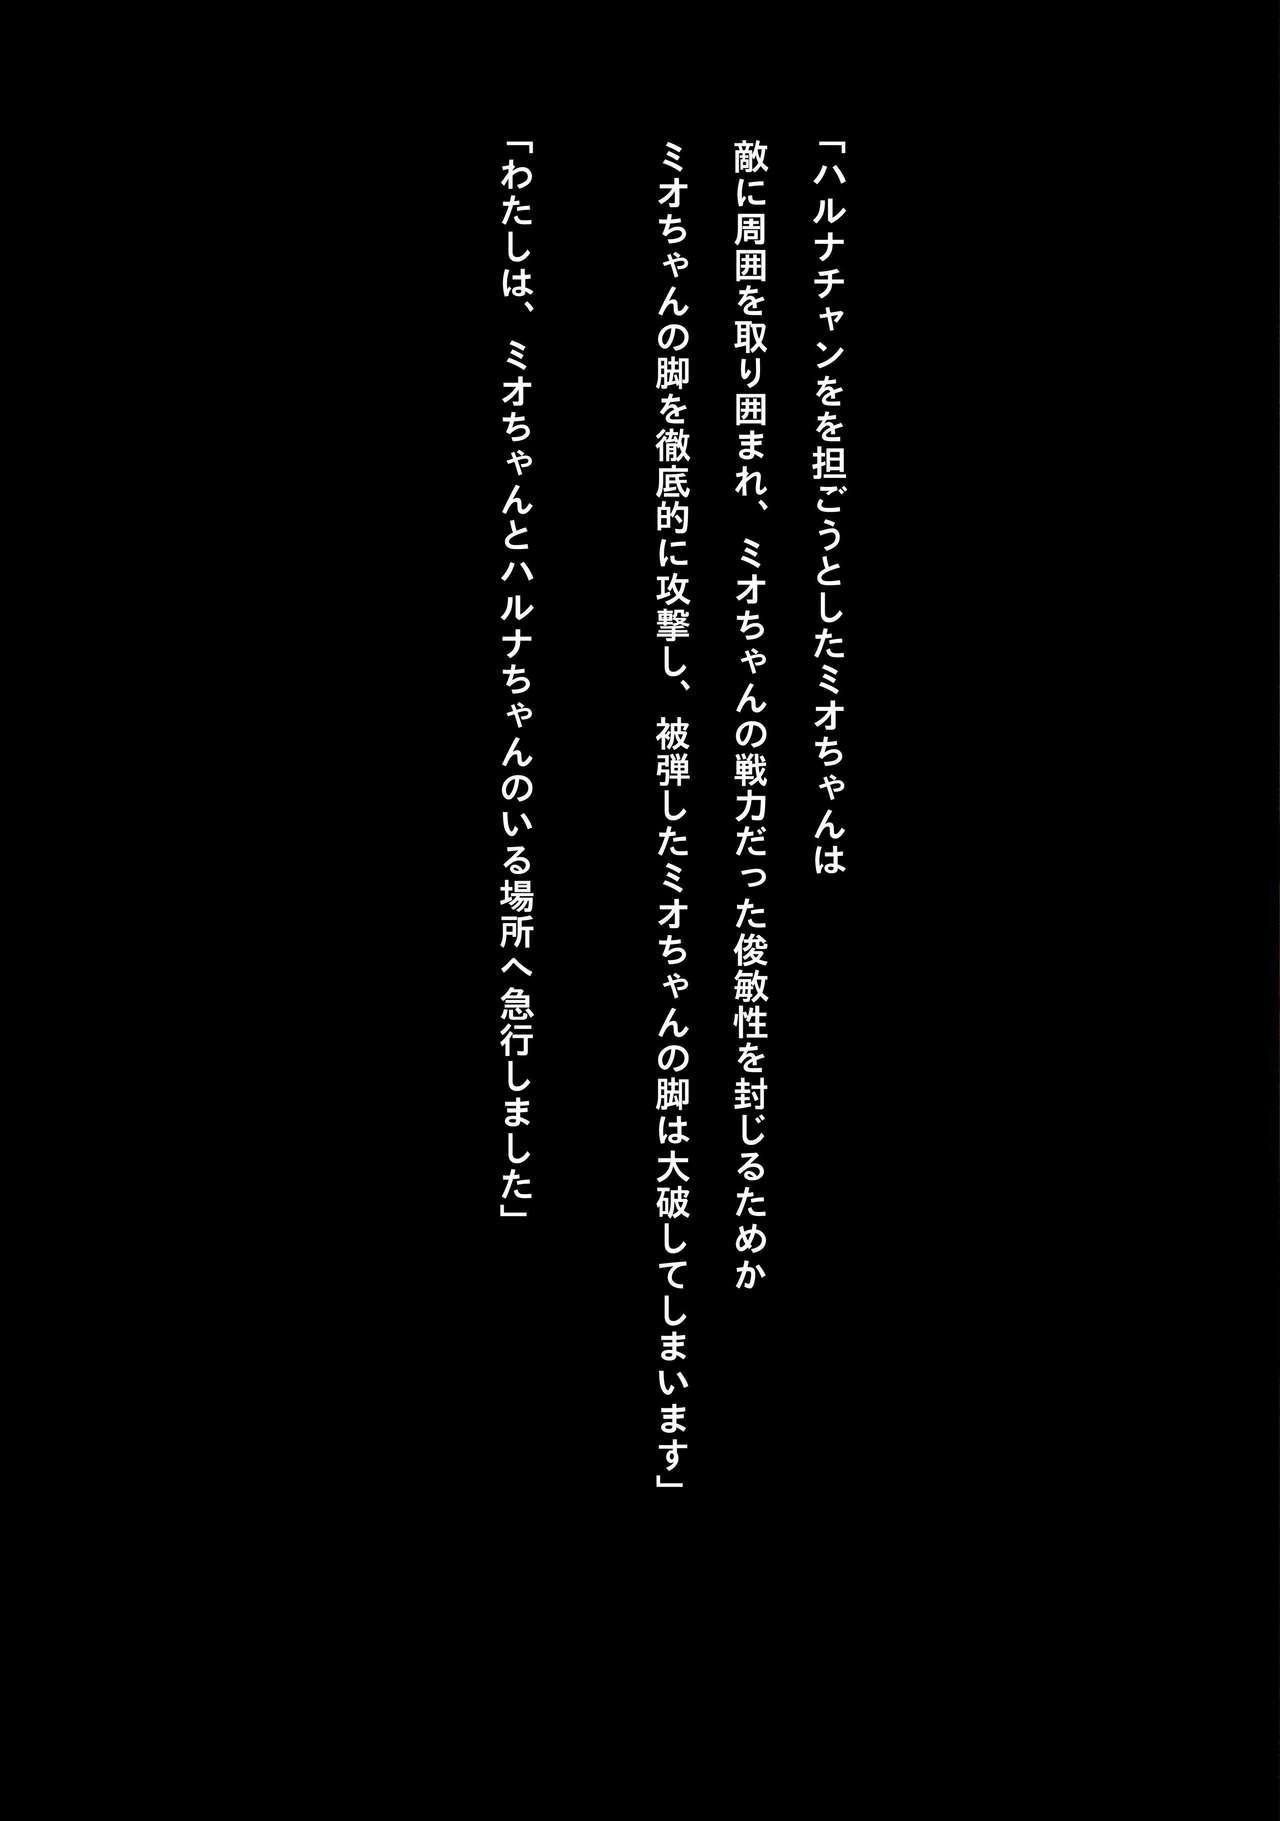 Idol Cyber Battle NEO GENERATOR episode 3 Seisan! Shi o kakugo shita shunkan 34